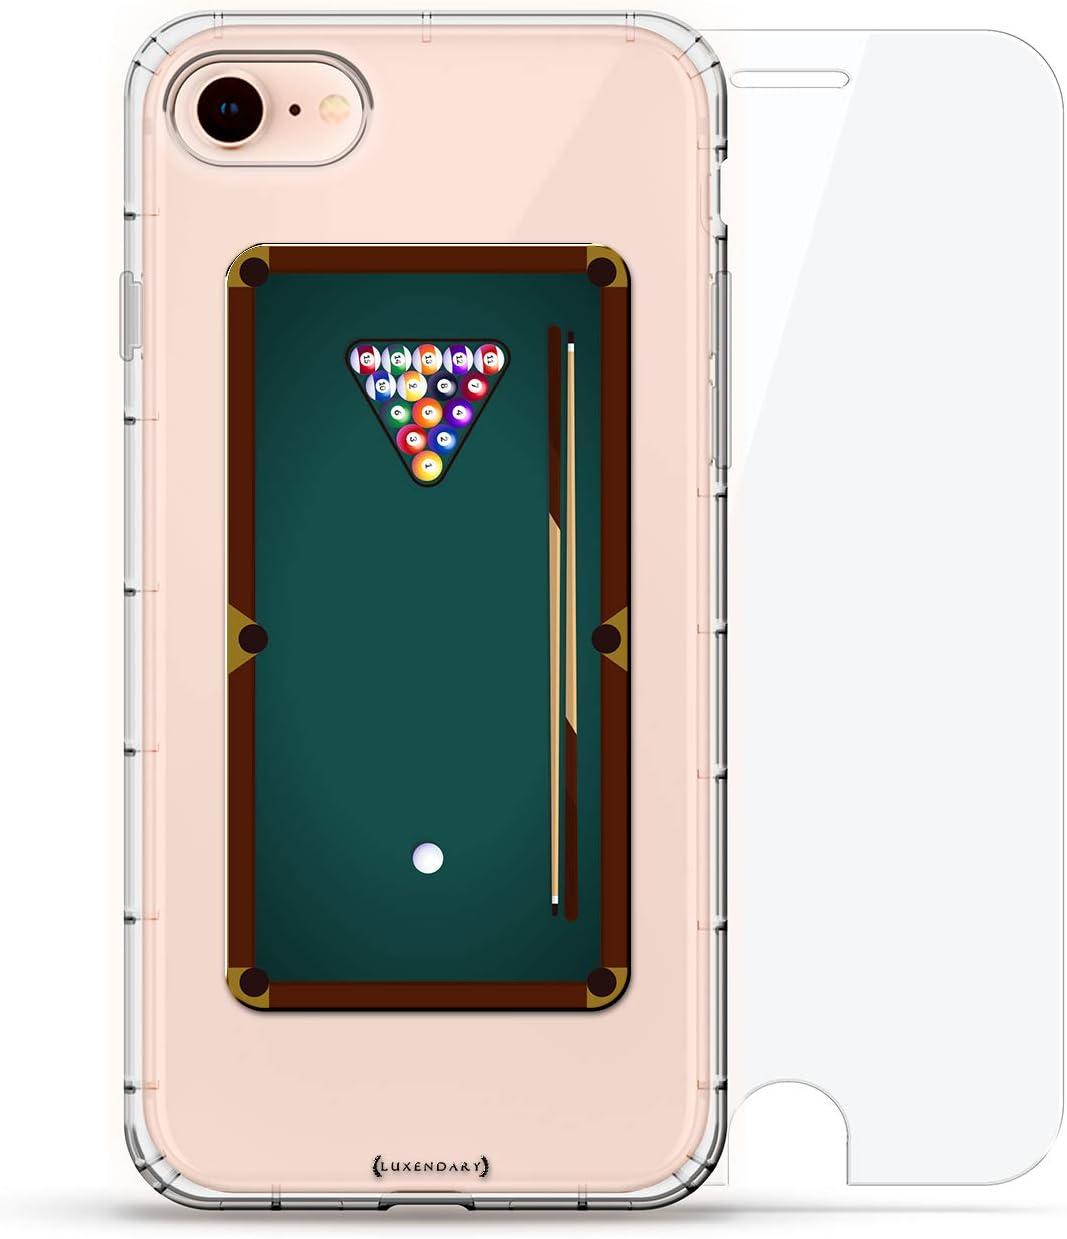 Sports: Mesa de Billar Animada | Luxendary Air Series 360 Bundle: Carcasa Transparente con diseño Impreso en 3D y Cojines de Aire + Vidrio Templado para iPhone 8/7: Amazon.es: Electrónica